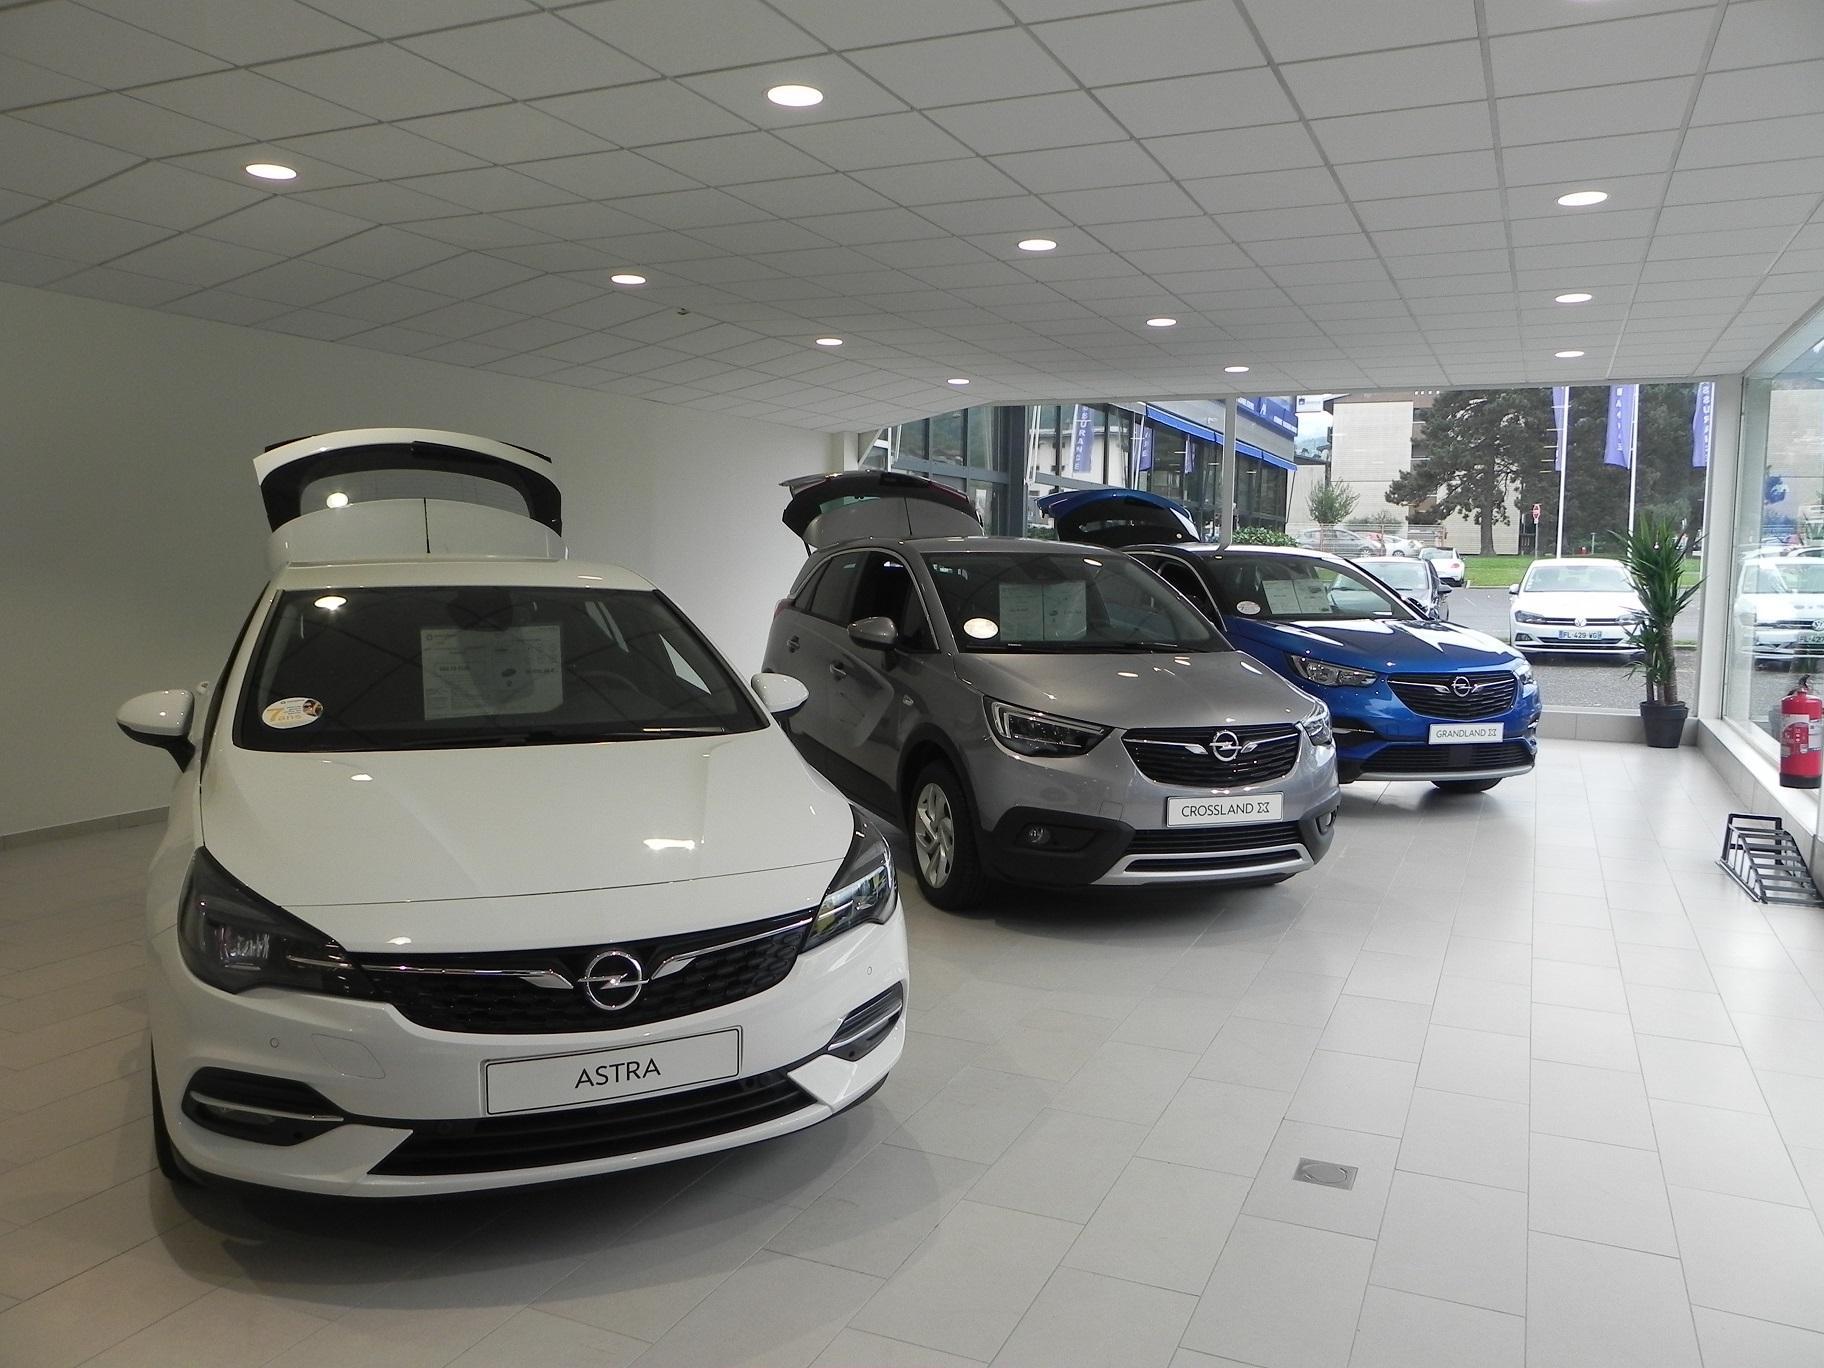 Venez découvrir nos modèles électriques et hybrides dans la nouvelle concession bi-marque Citroën/Opel de Sallanches !